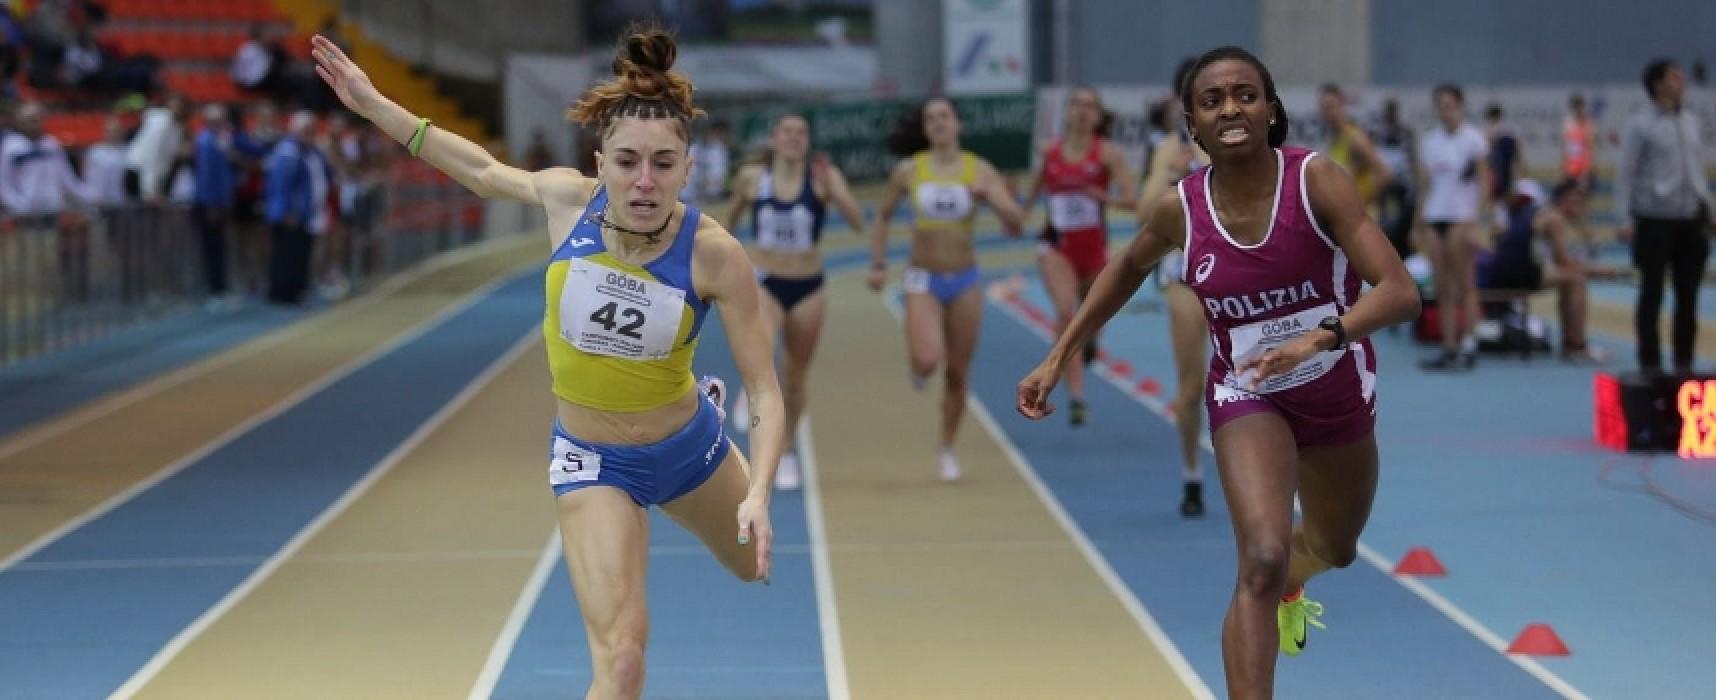 Lucia Pasquale, dopo l'argento agli Assoluti Indoor ecco la convocazione in nazionale